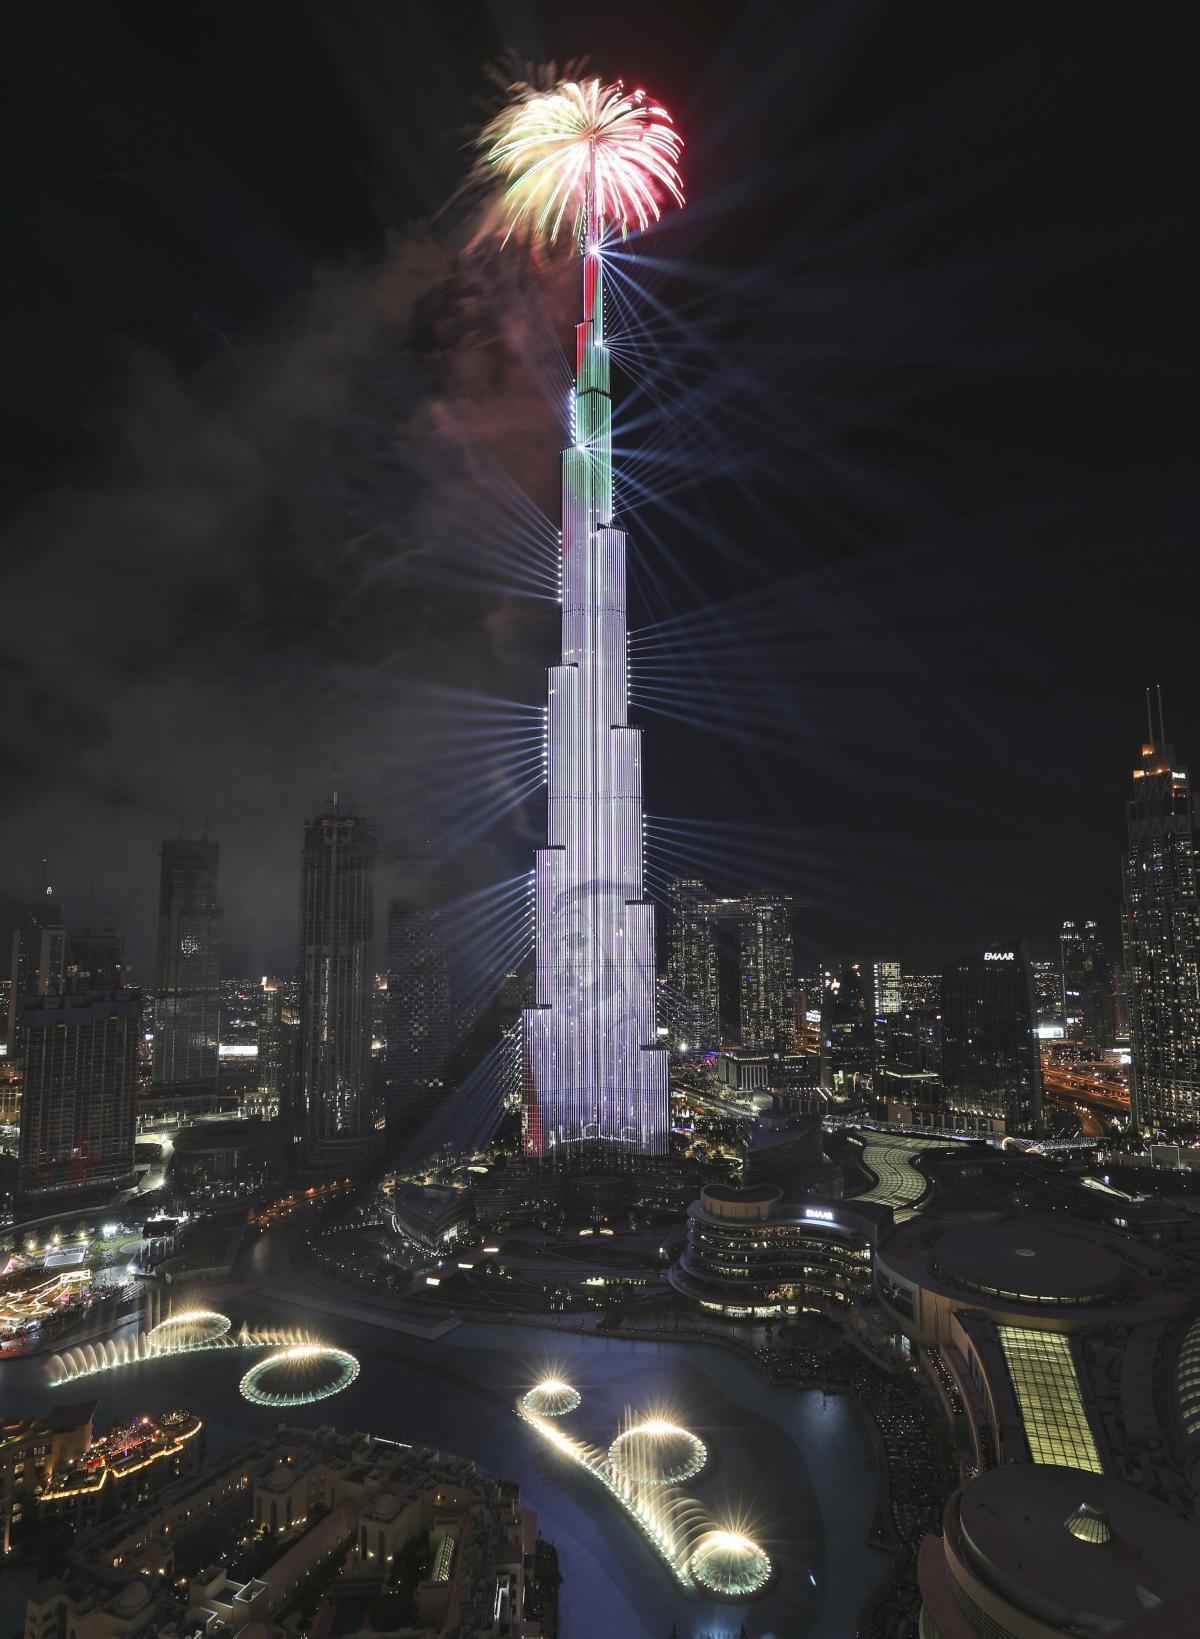 با تصویر پیش بینی شده از شیخ محمد بن راشد آل مکتوم ، معاون رئیس جمهور و نخست وزیر امارات متحده عربی و حاکم دبی ، آتش بازی در برج خلیفه در تاریخ 1 ژانویه منفجر شد.